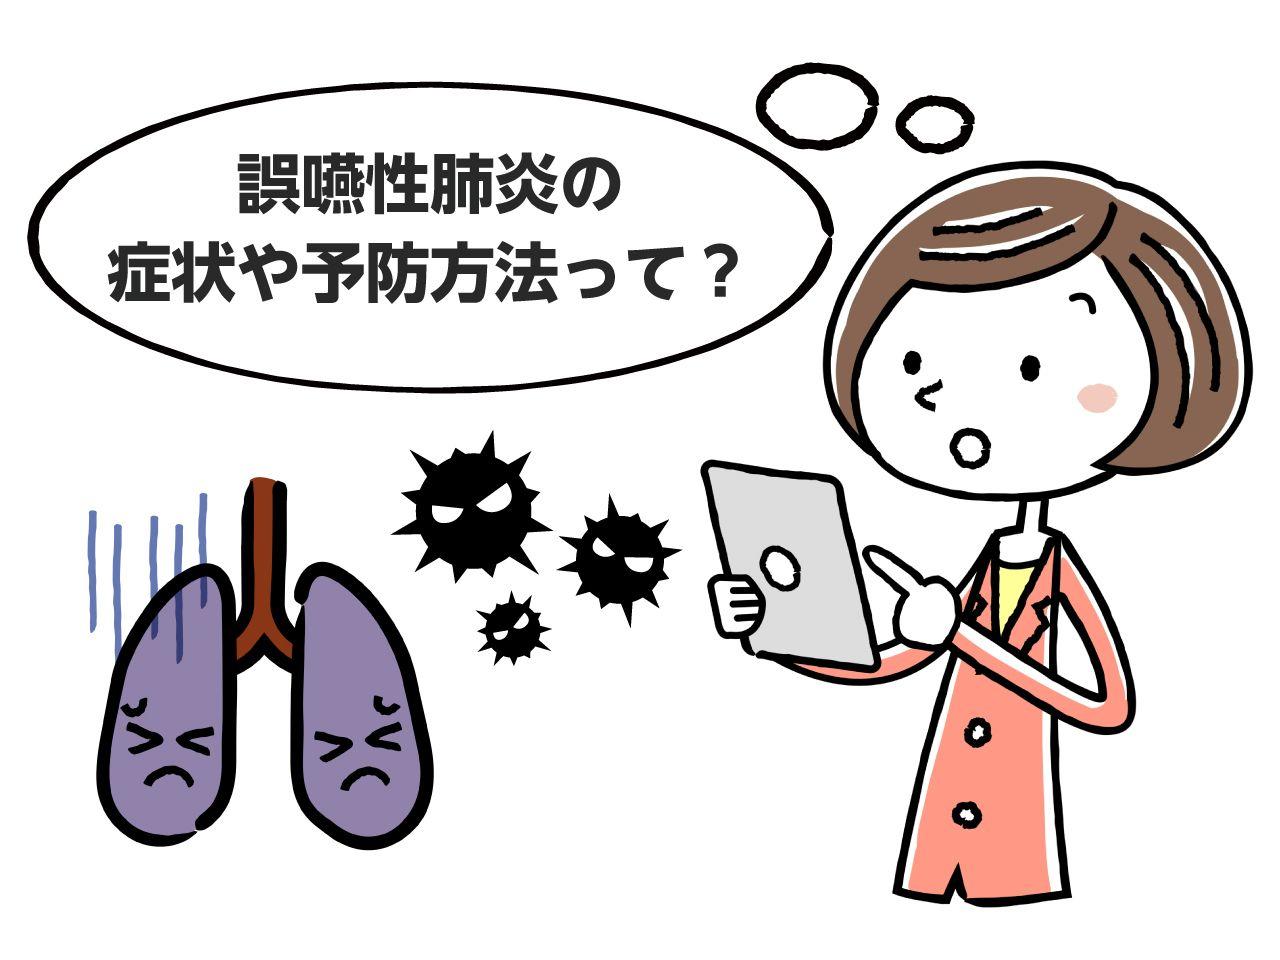 は 誤 肺炎 嚥 性 と 志賀廣太郎「誤嚥性肺炎」で死去 年間4万人の命奪う、恐ろしさ新型コロナ並み: